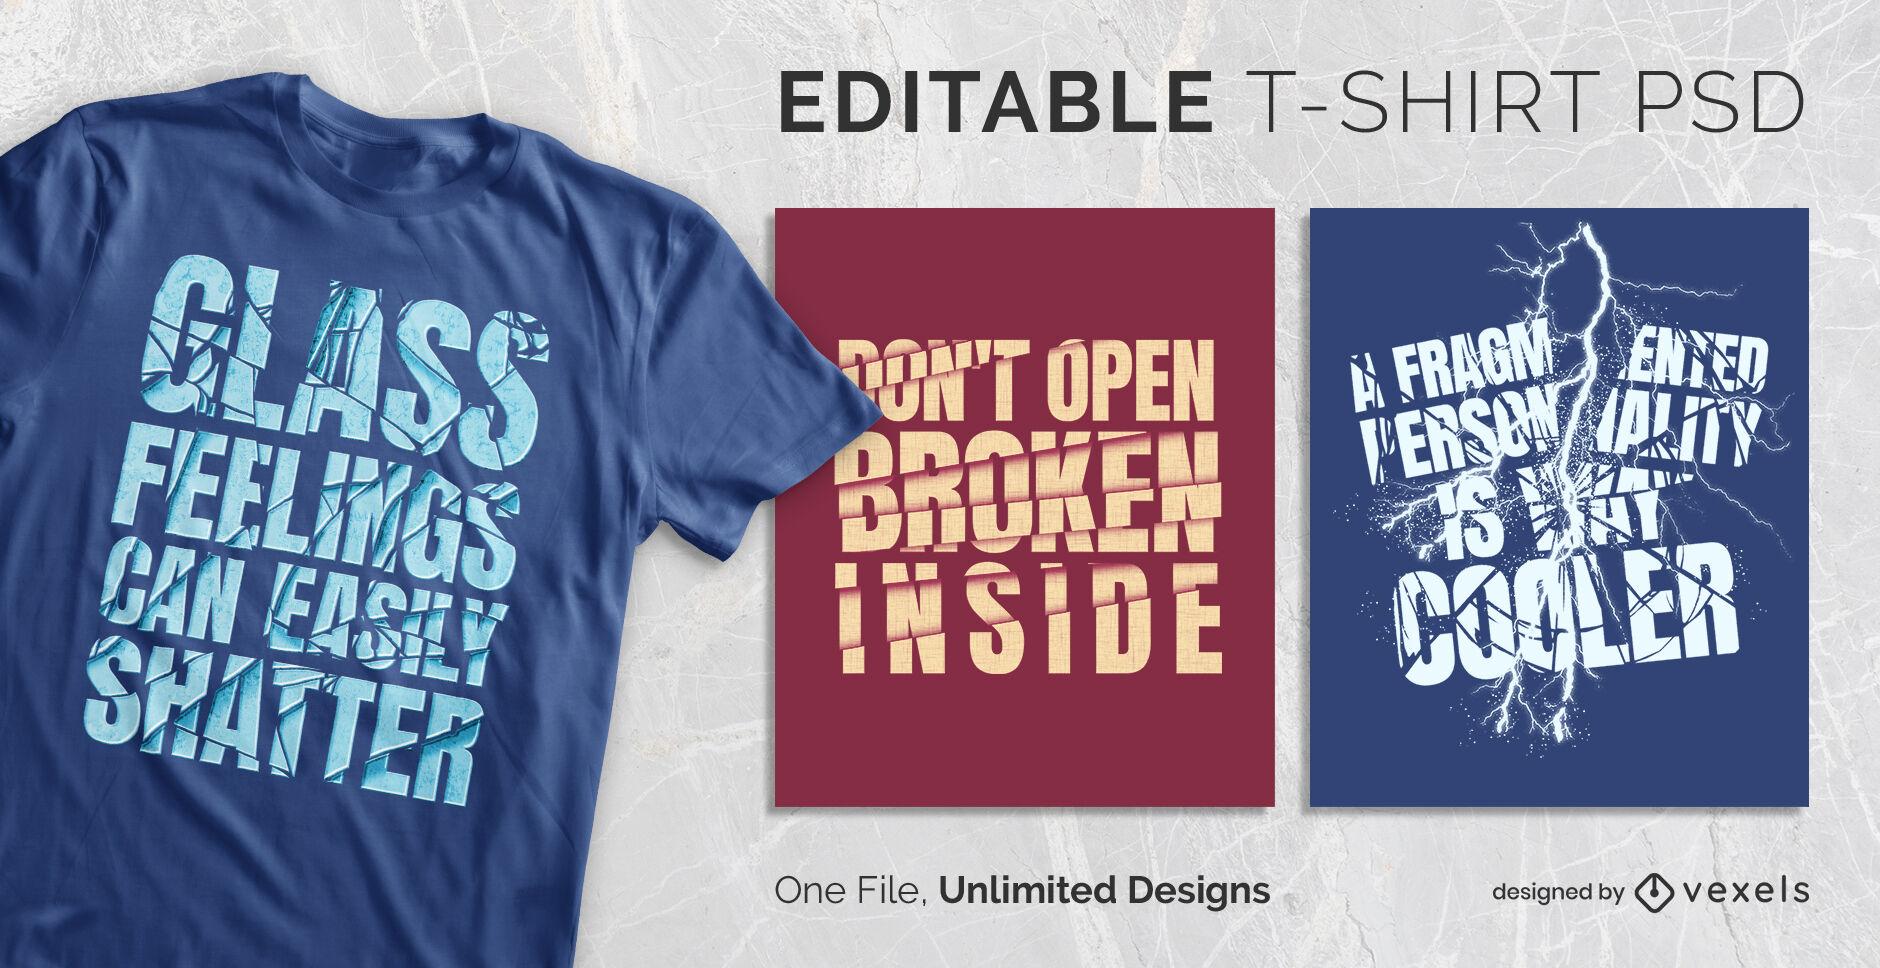 Dise?o de camiseta psd escalable de vidrio roto